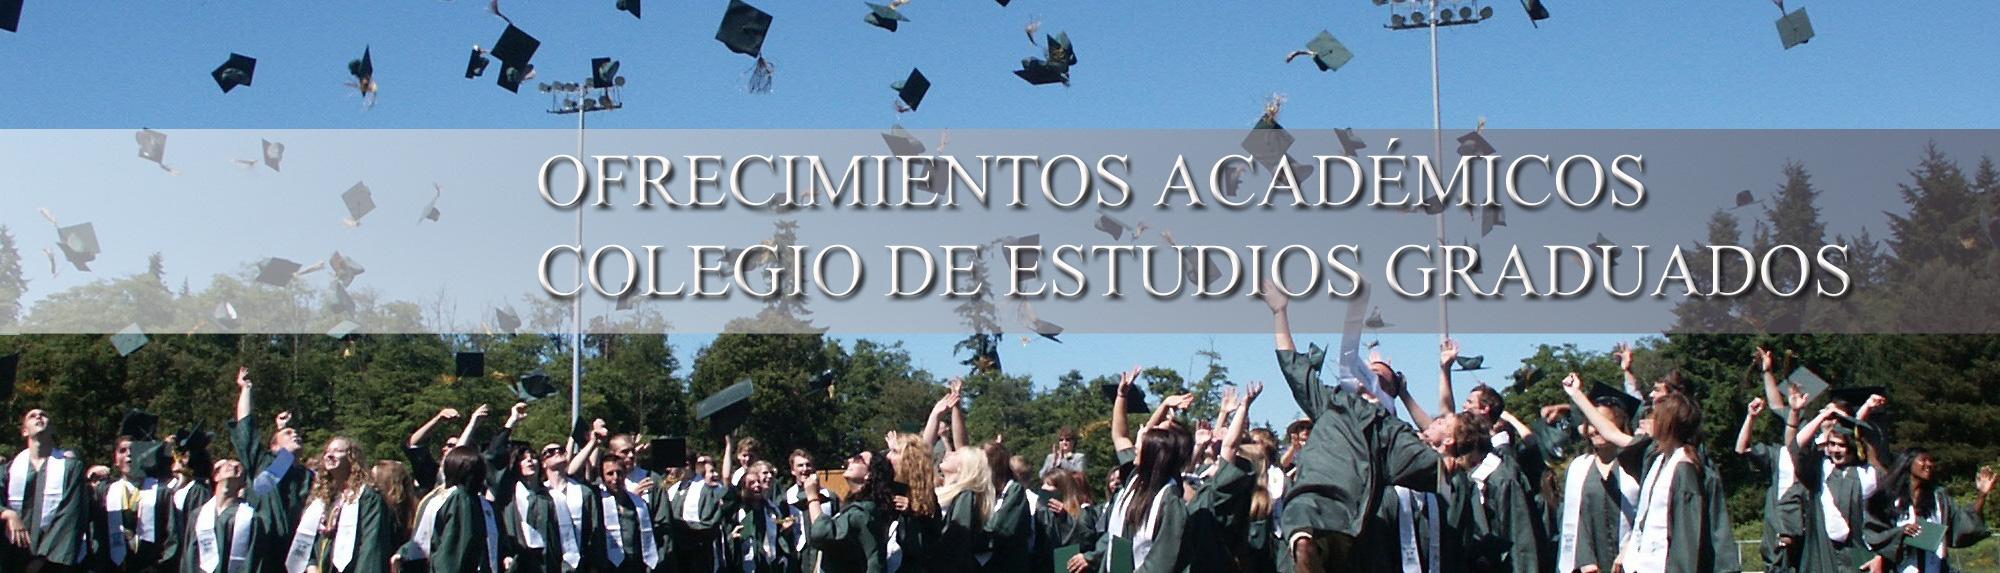 Graduados_grados